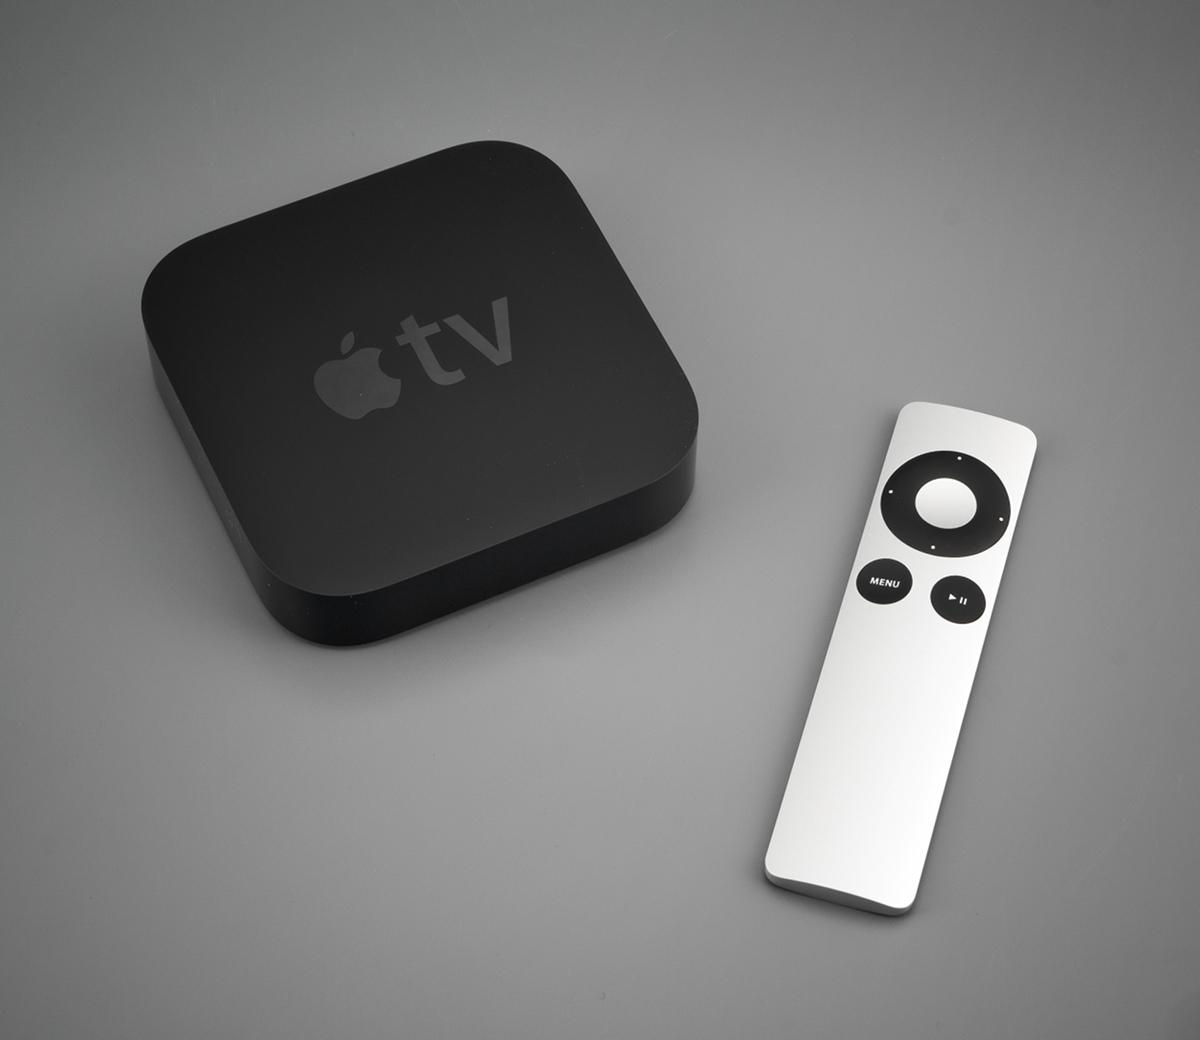 Так выглядит приставка Apple TV